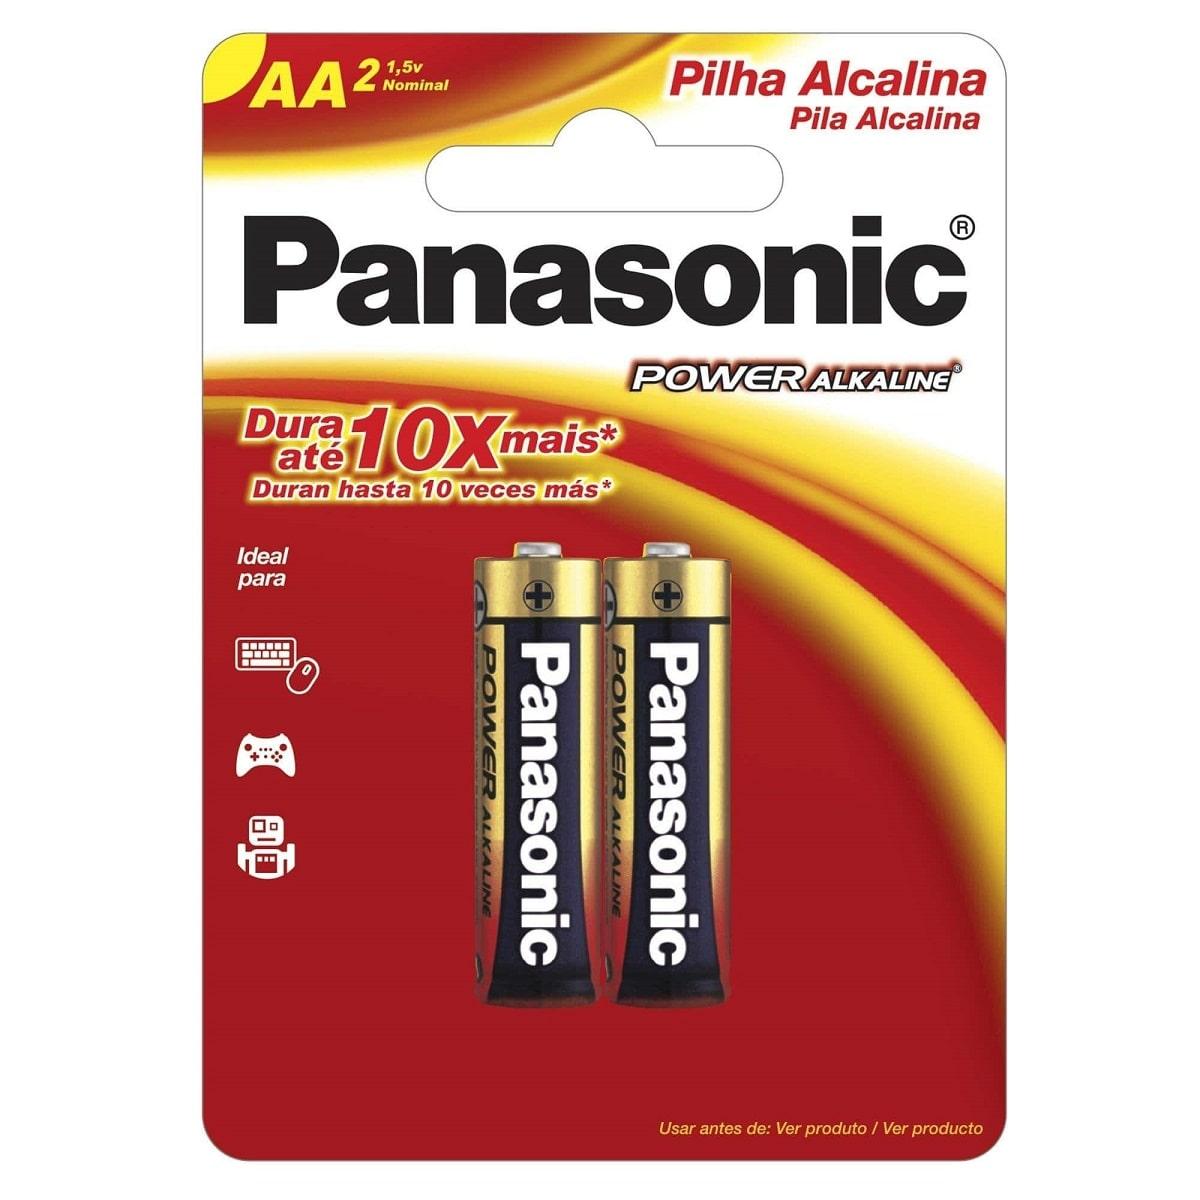 Pilha AA Alcalina LR6XAB/2B192 Cartela Com 2 Pilhas Panasonic